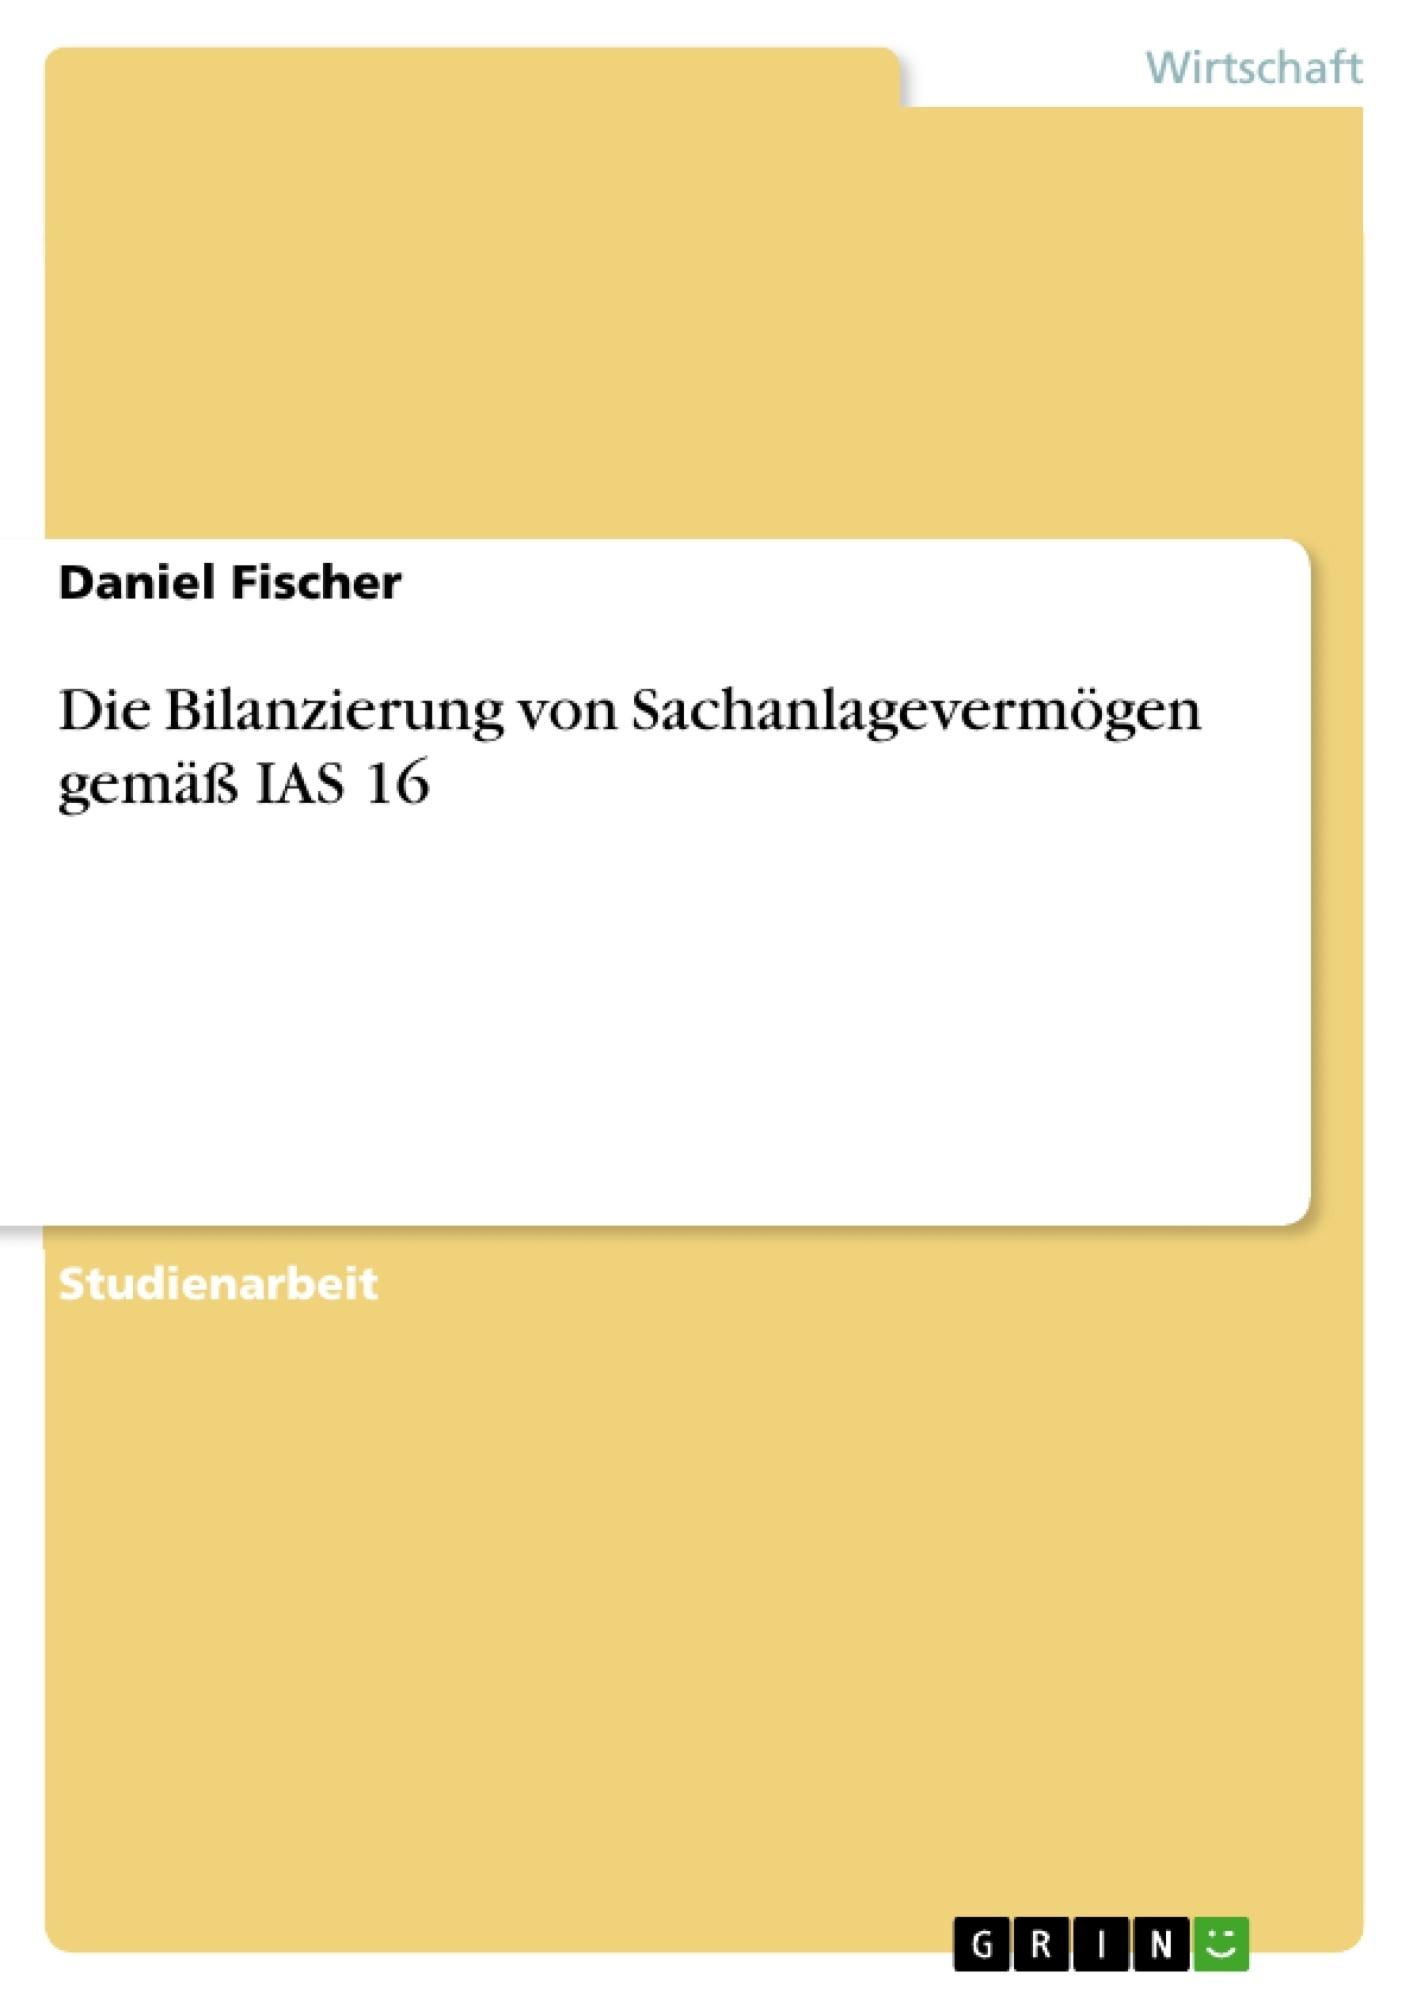 Titel: Die Bilanzierung von Sachanlagevermögen gemäß IAS 16